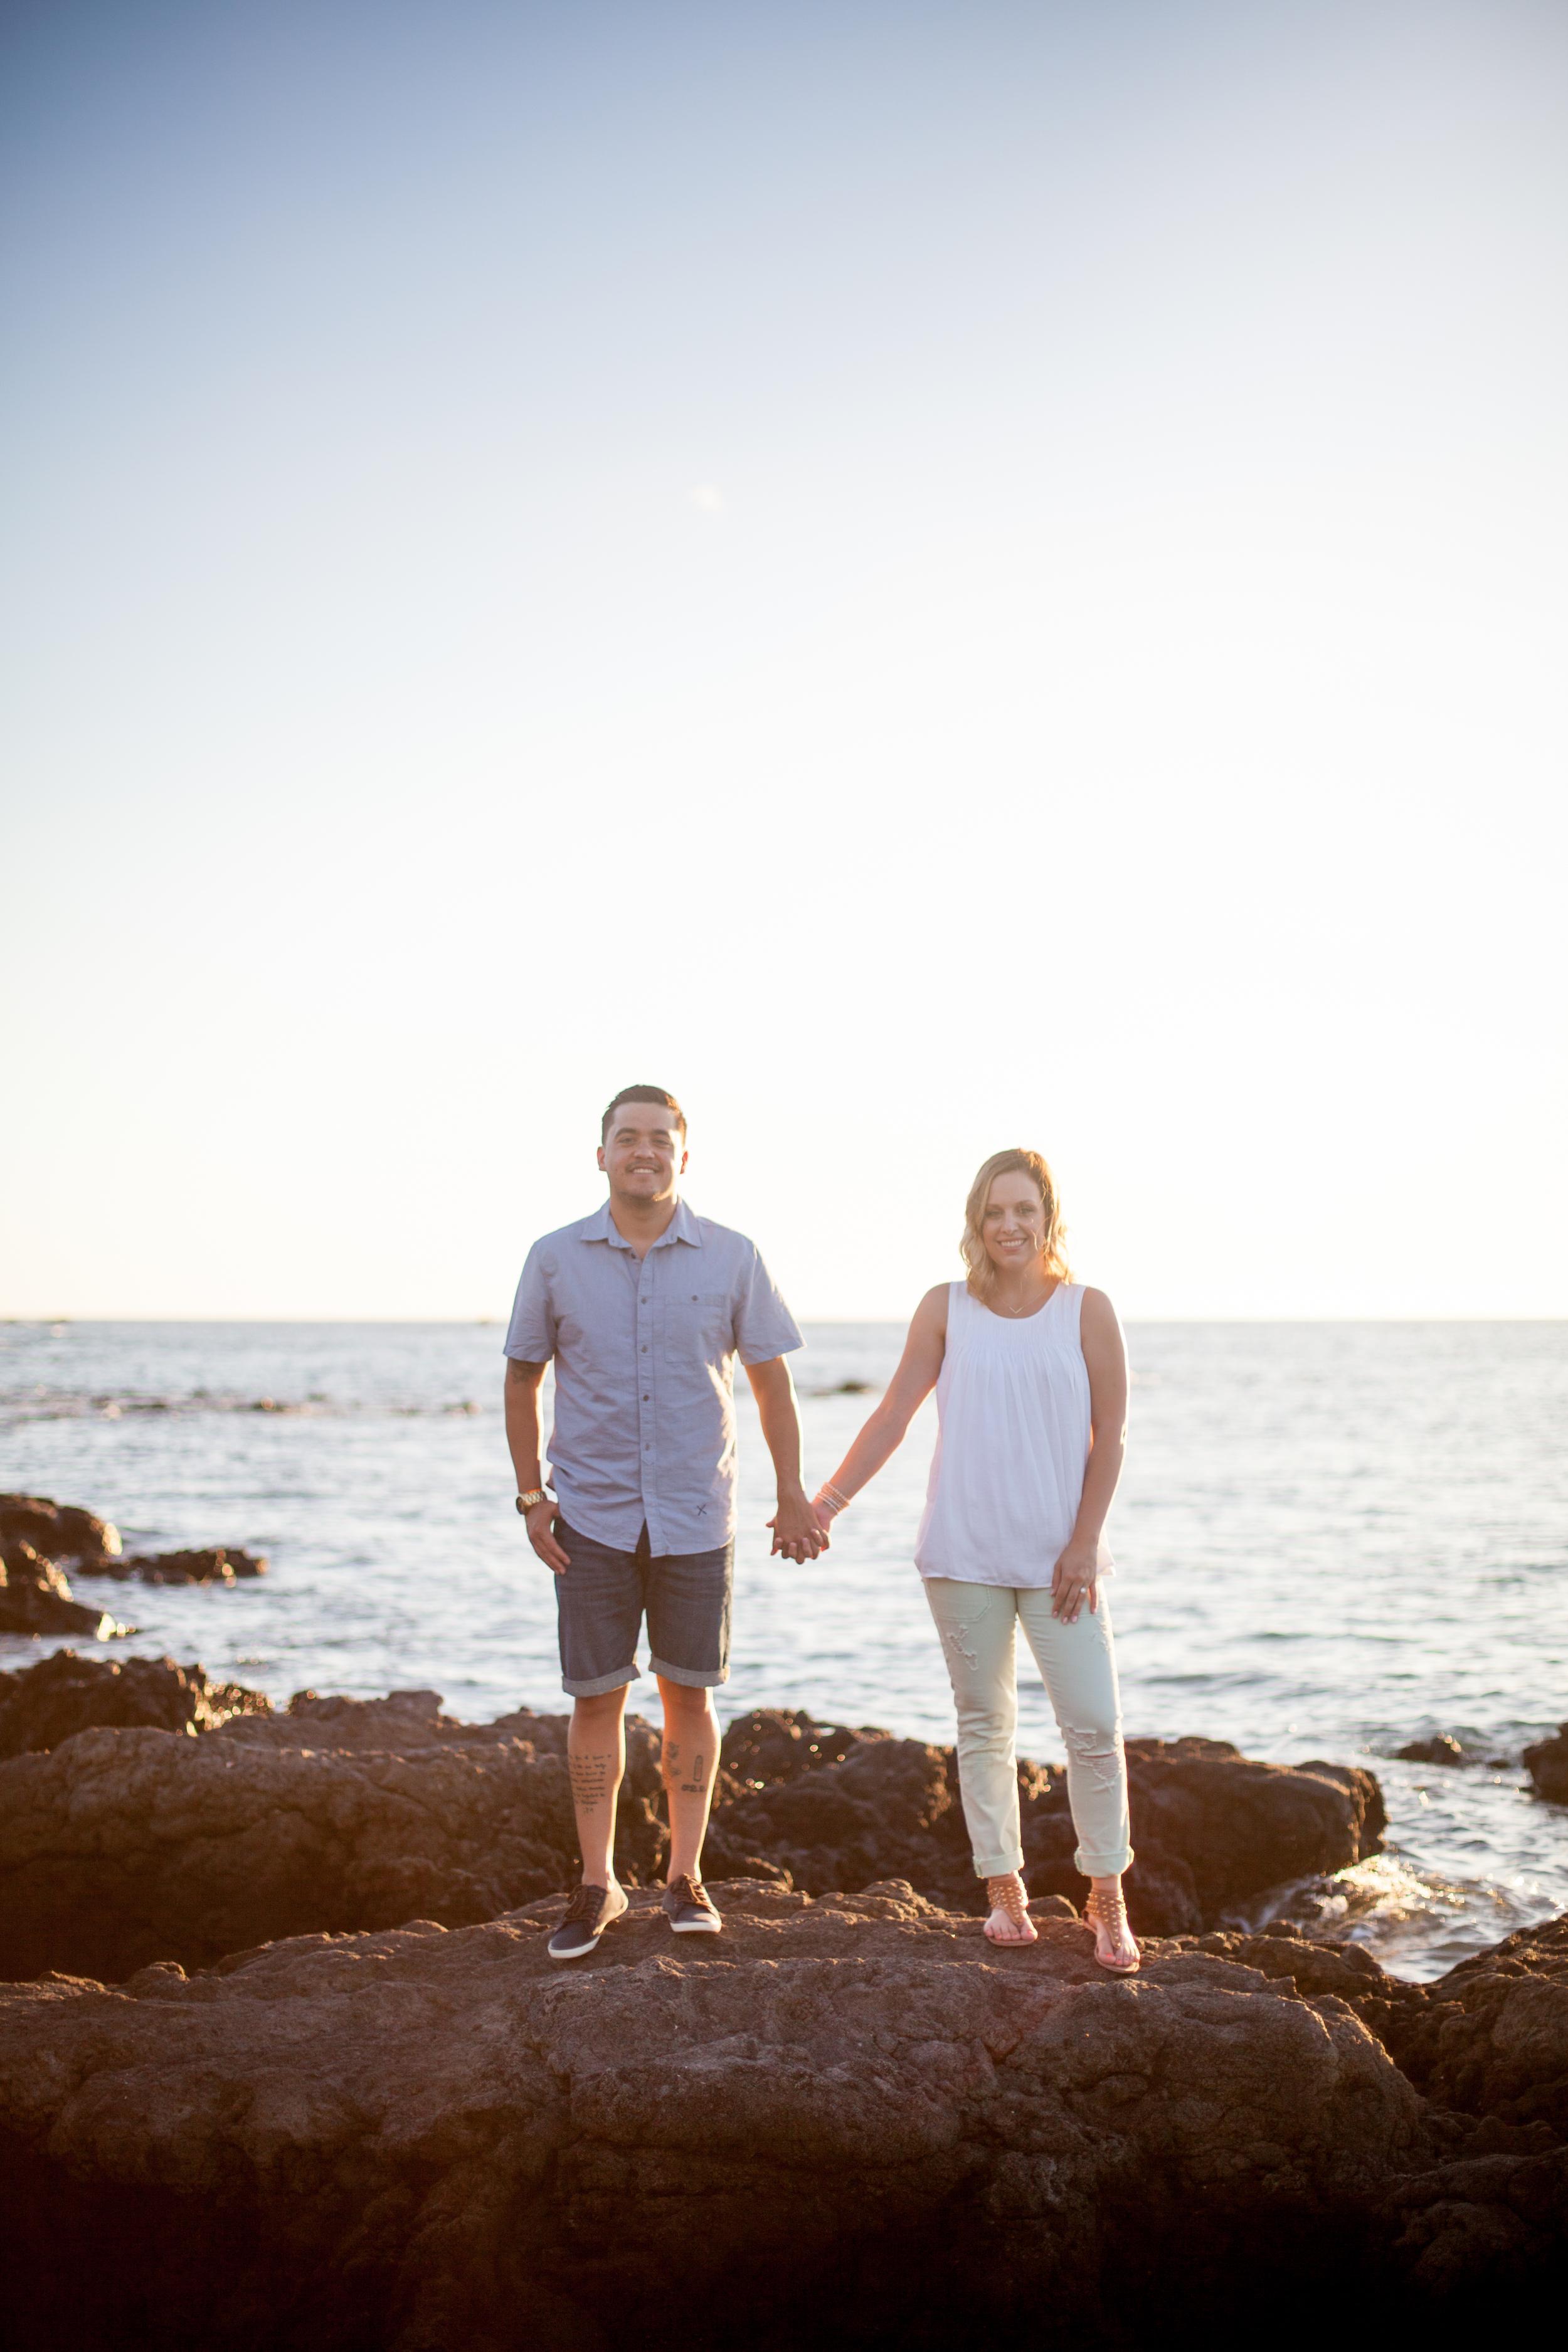 big island hawaii engagement photography 20150529183329-1.jpg